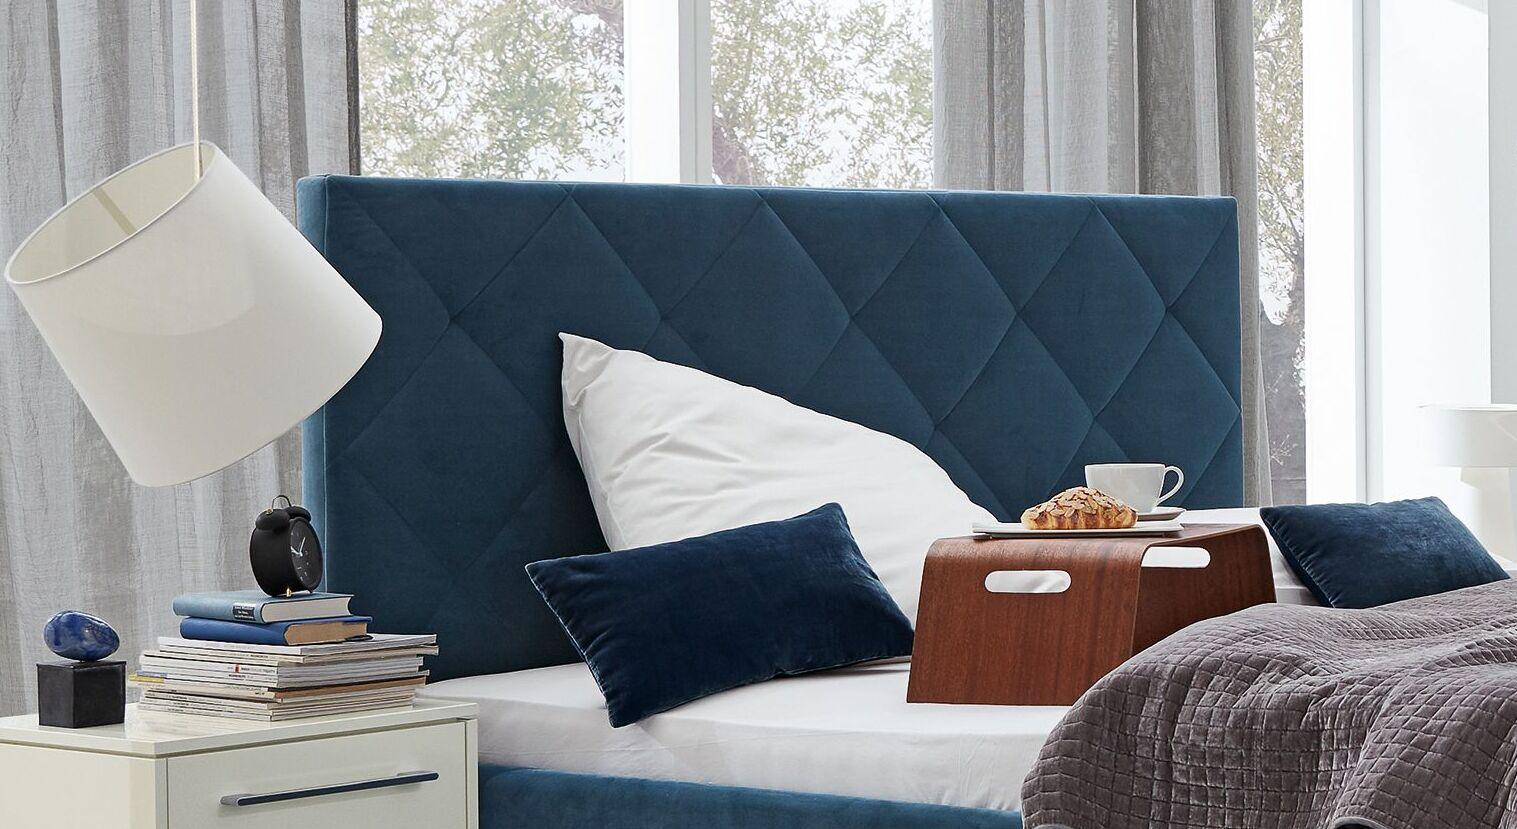 MUSTERRING Bett Epos mit Kopfteil in Rautensteppung in Marken-Qualität